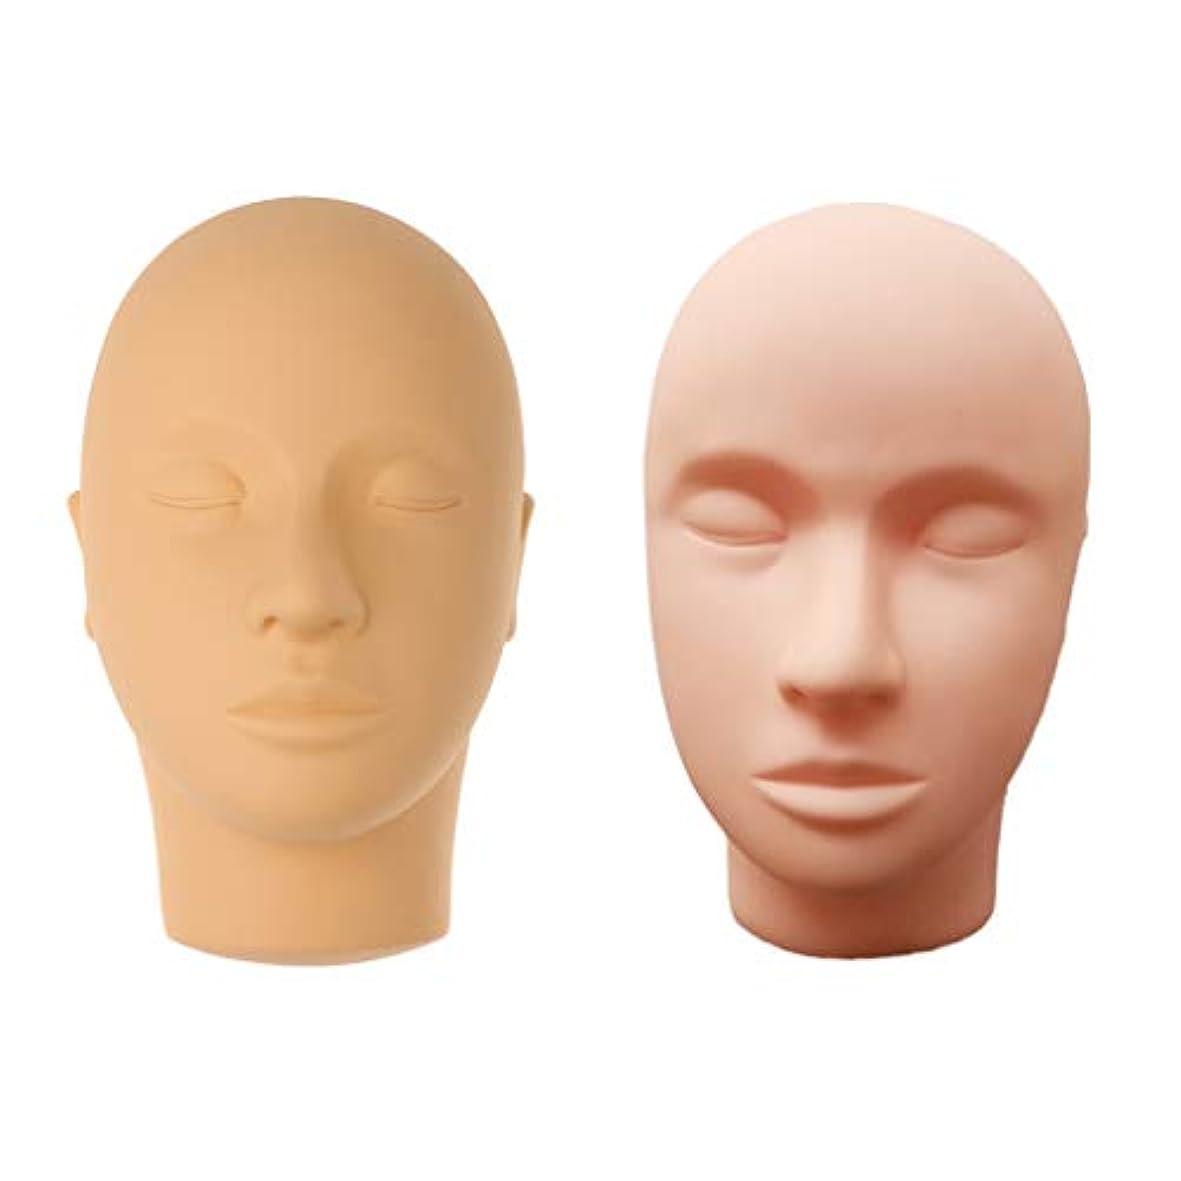 中傷診療所損失マネキンヘッド モデル 肌色 メイクアップ まつげエクステ 化粧 メイクアップ トレーニング サロン用